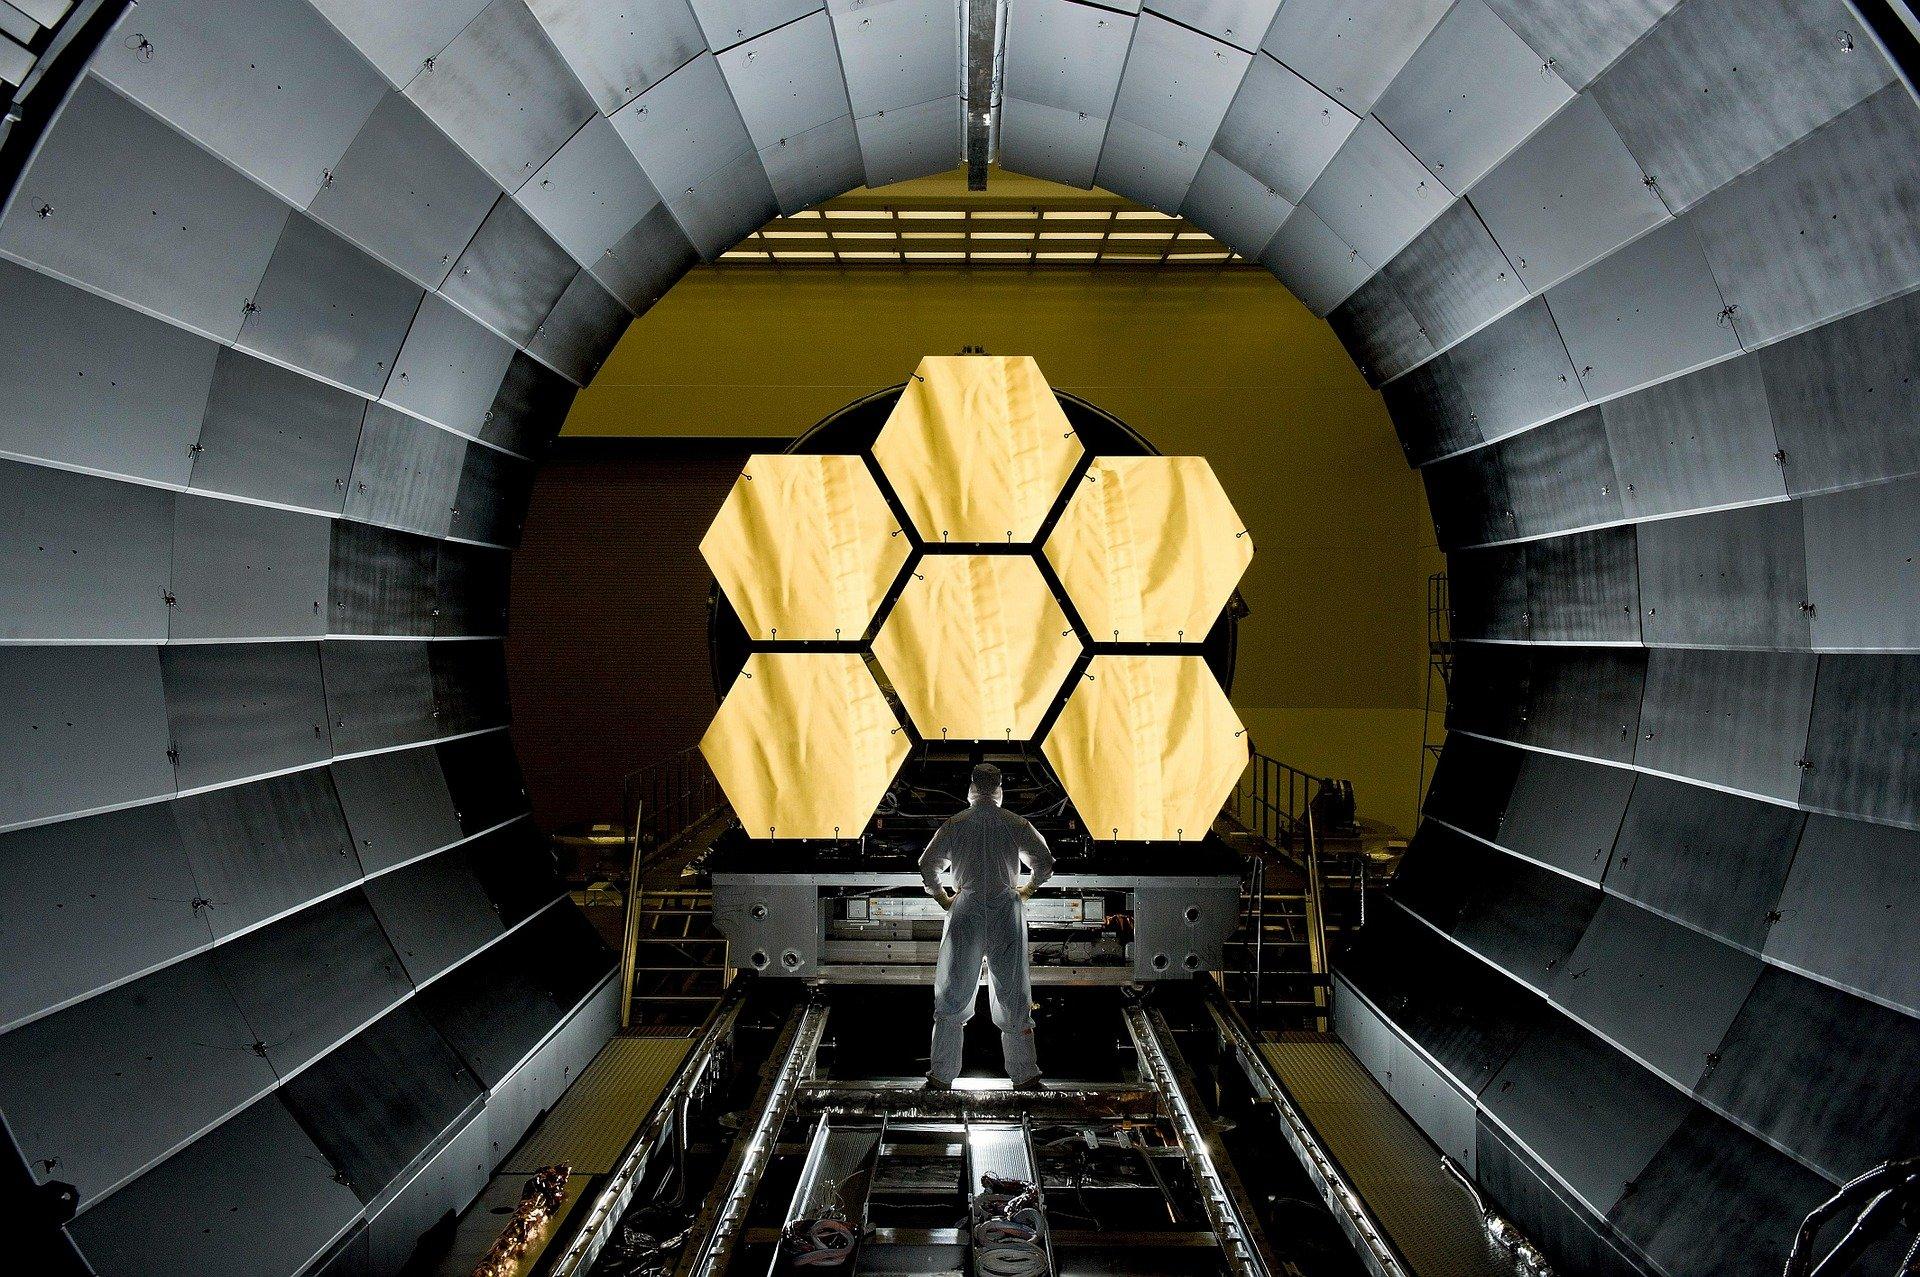 У телескопа «Джеймс Уэбб» обнаружена новая неполадка. Отправка в космос откладывается - 2